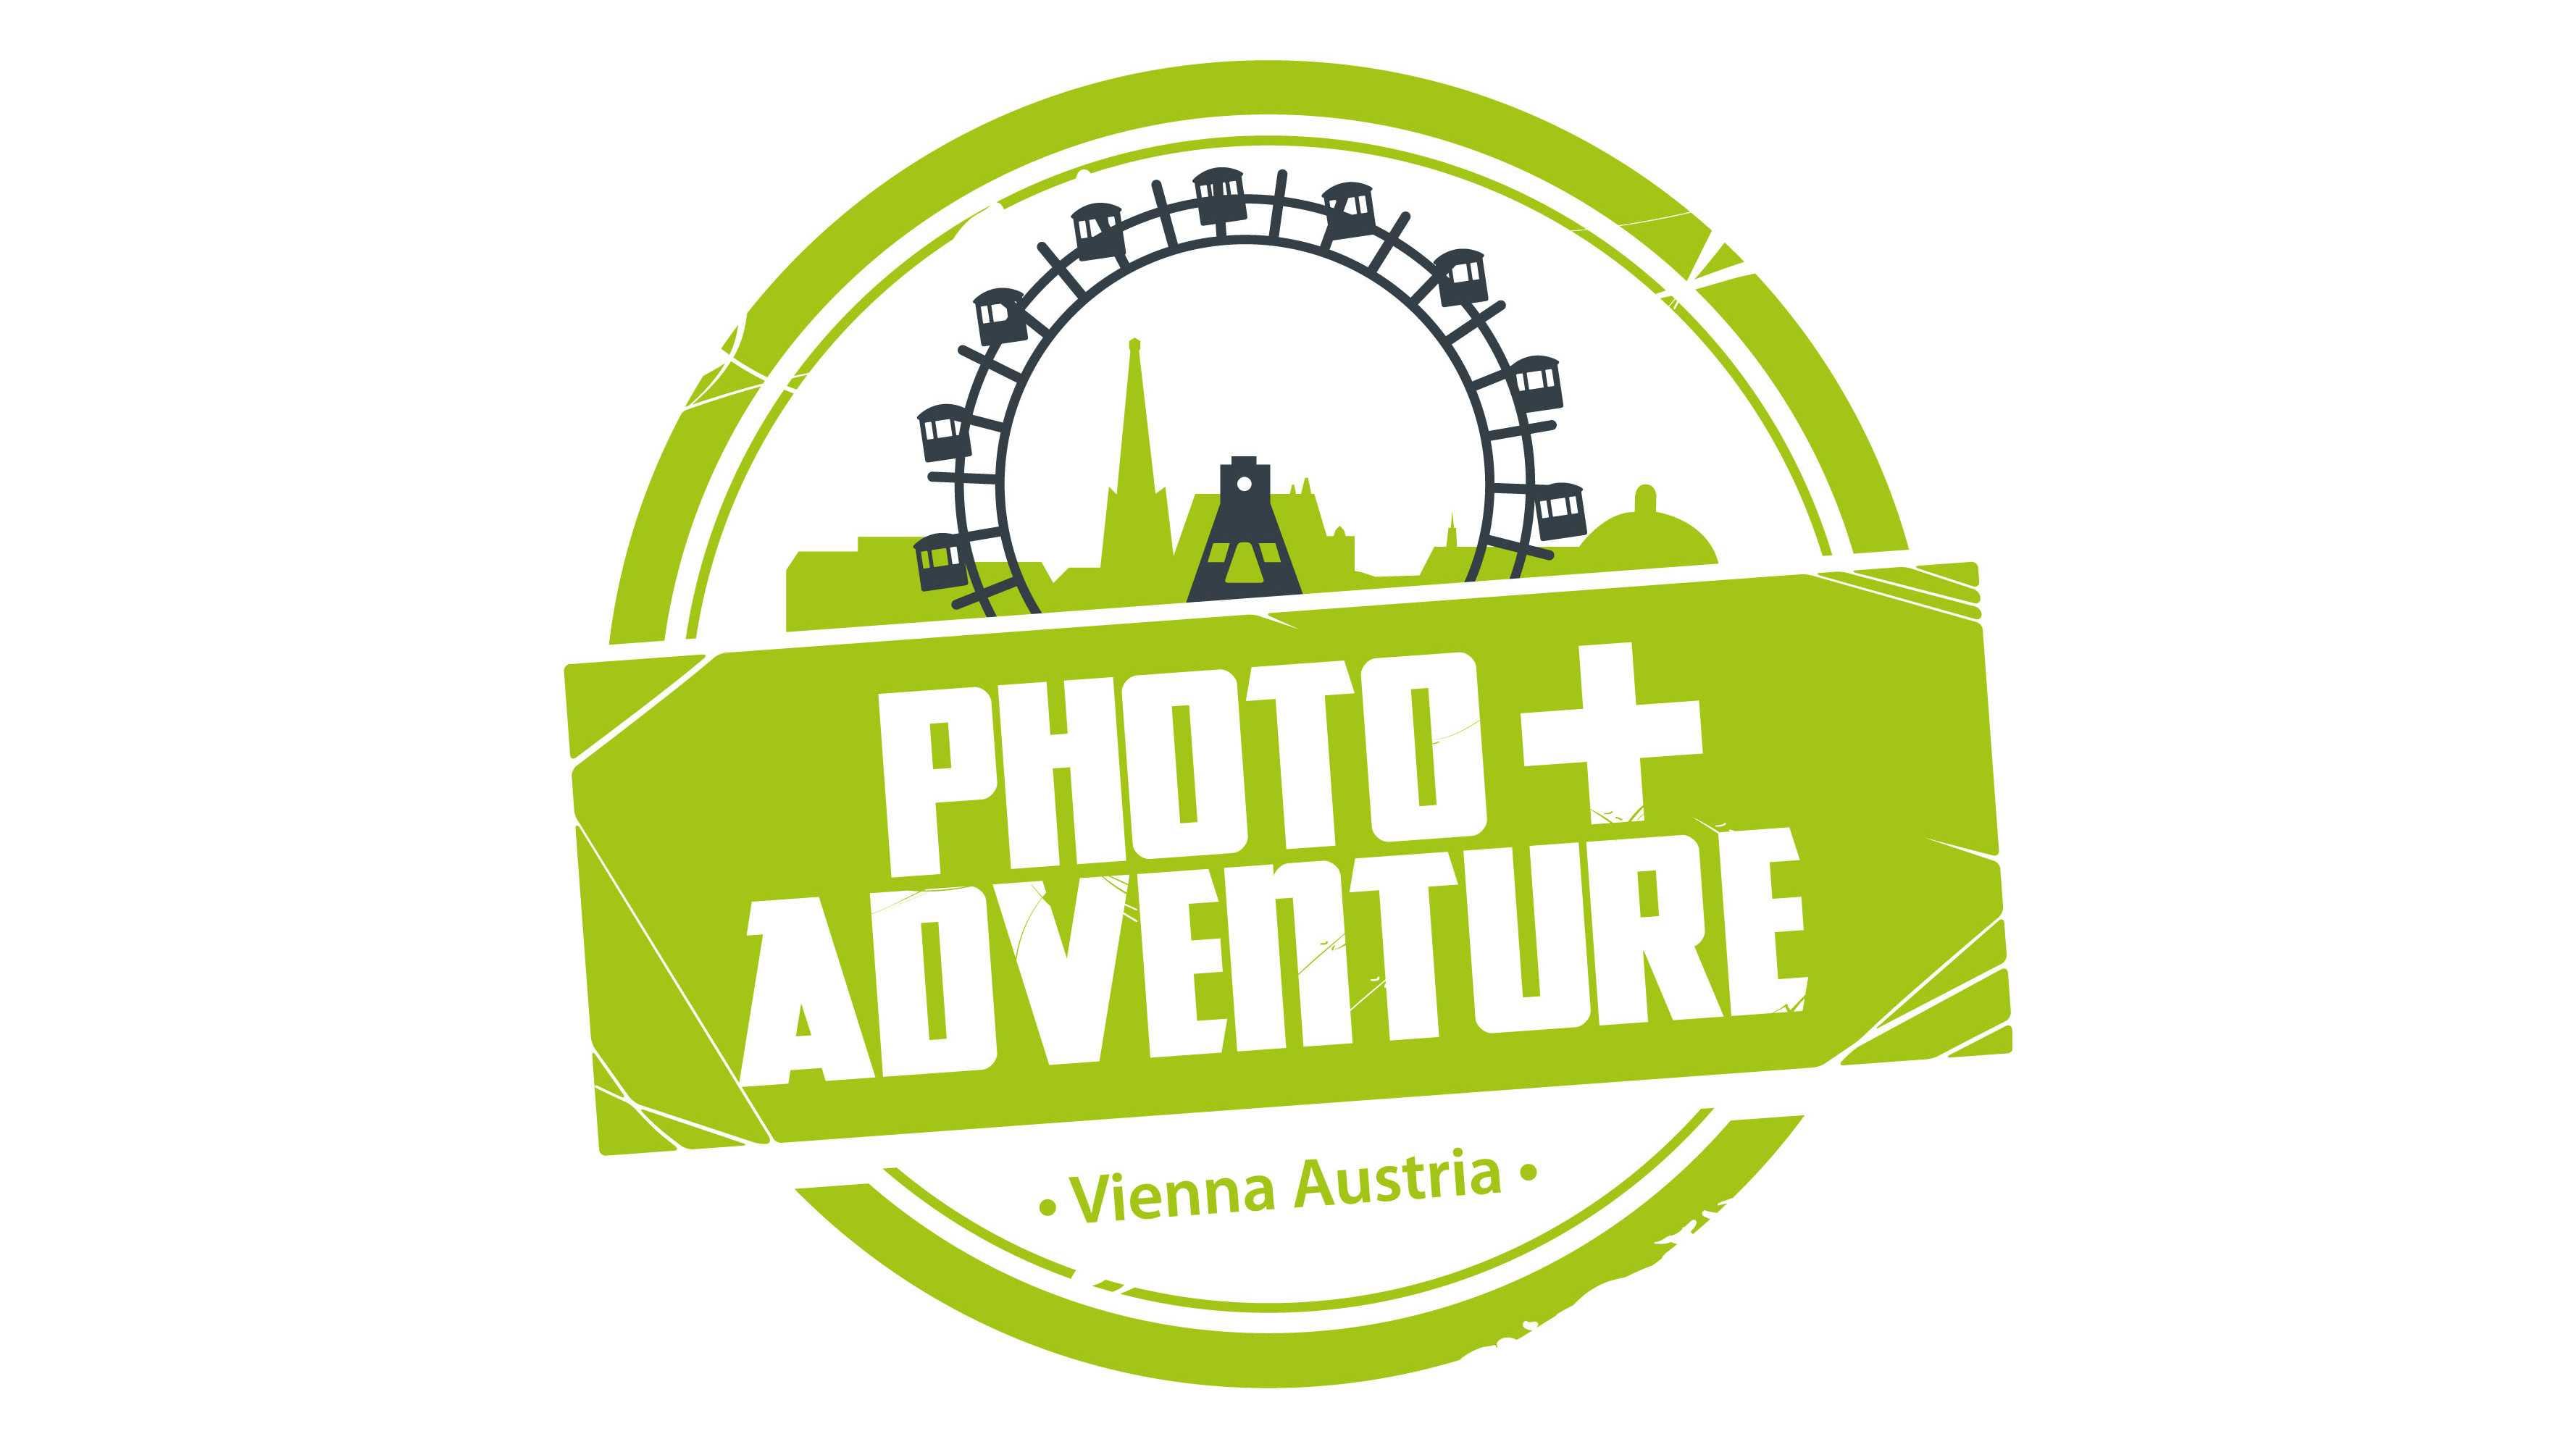 c't Fotografie verlost 15 Tickets für die Photo+Adventure in Wien